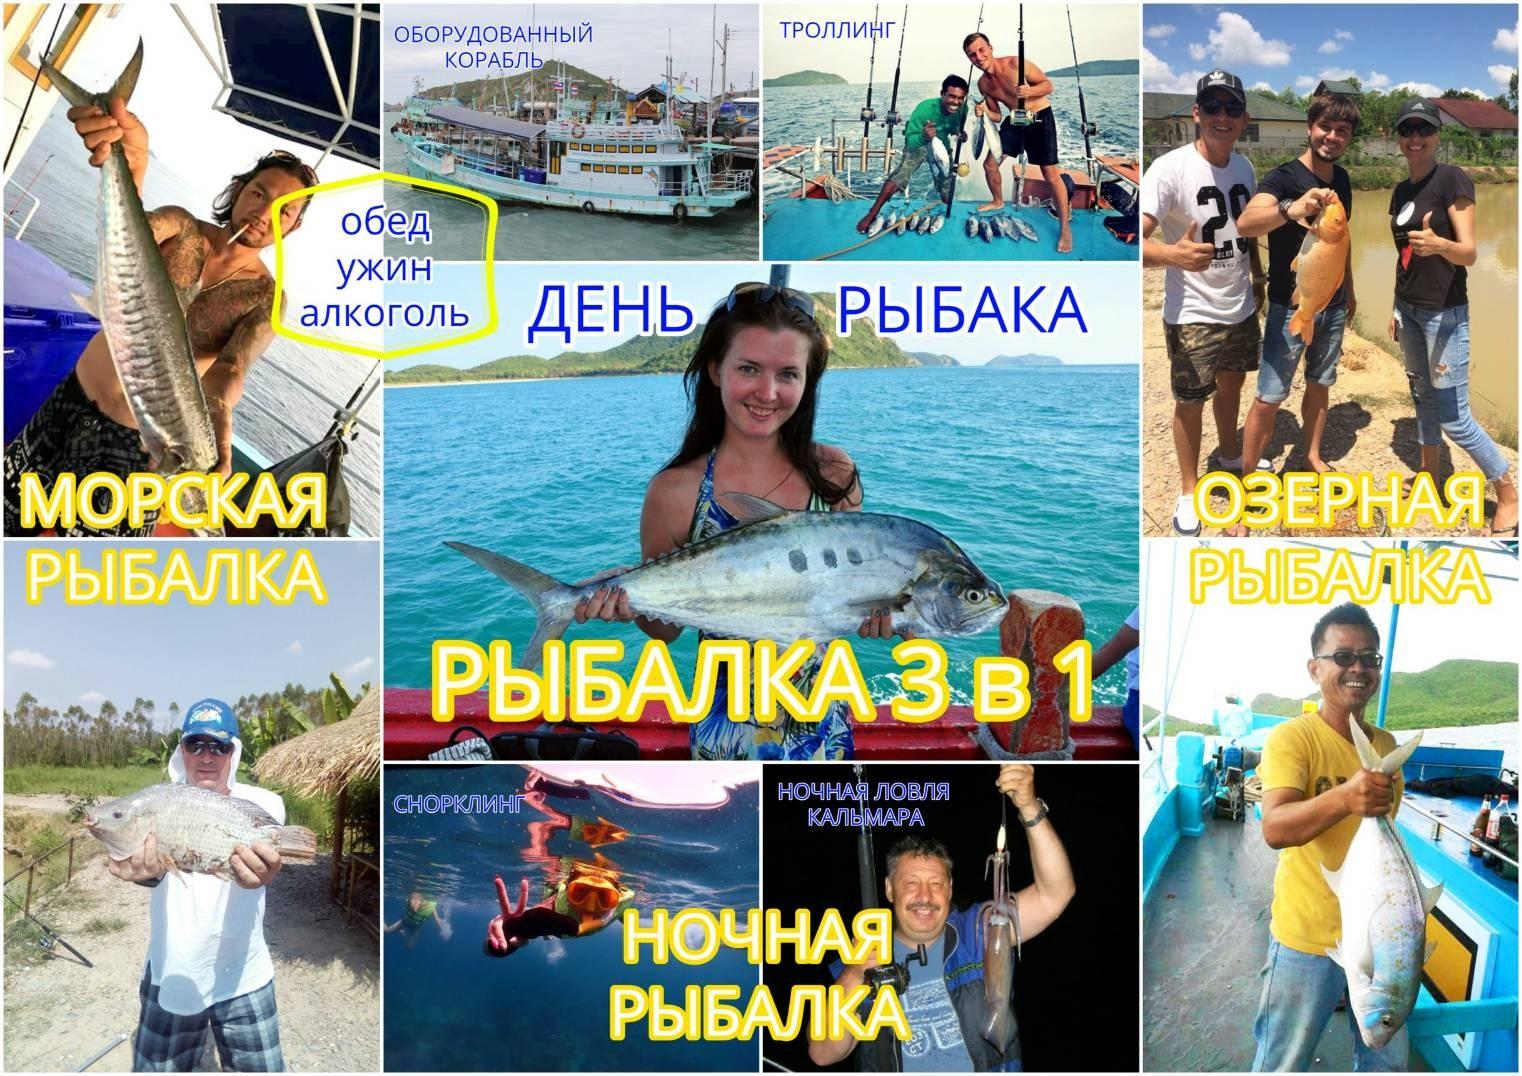 Рыбалка 3 в 1 в паттайе